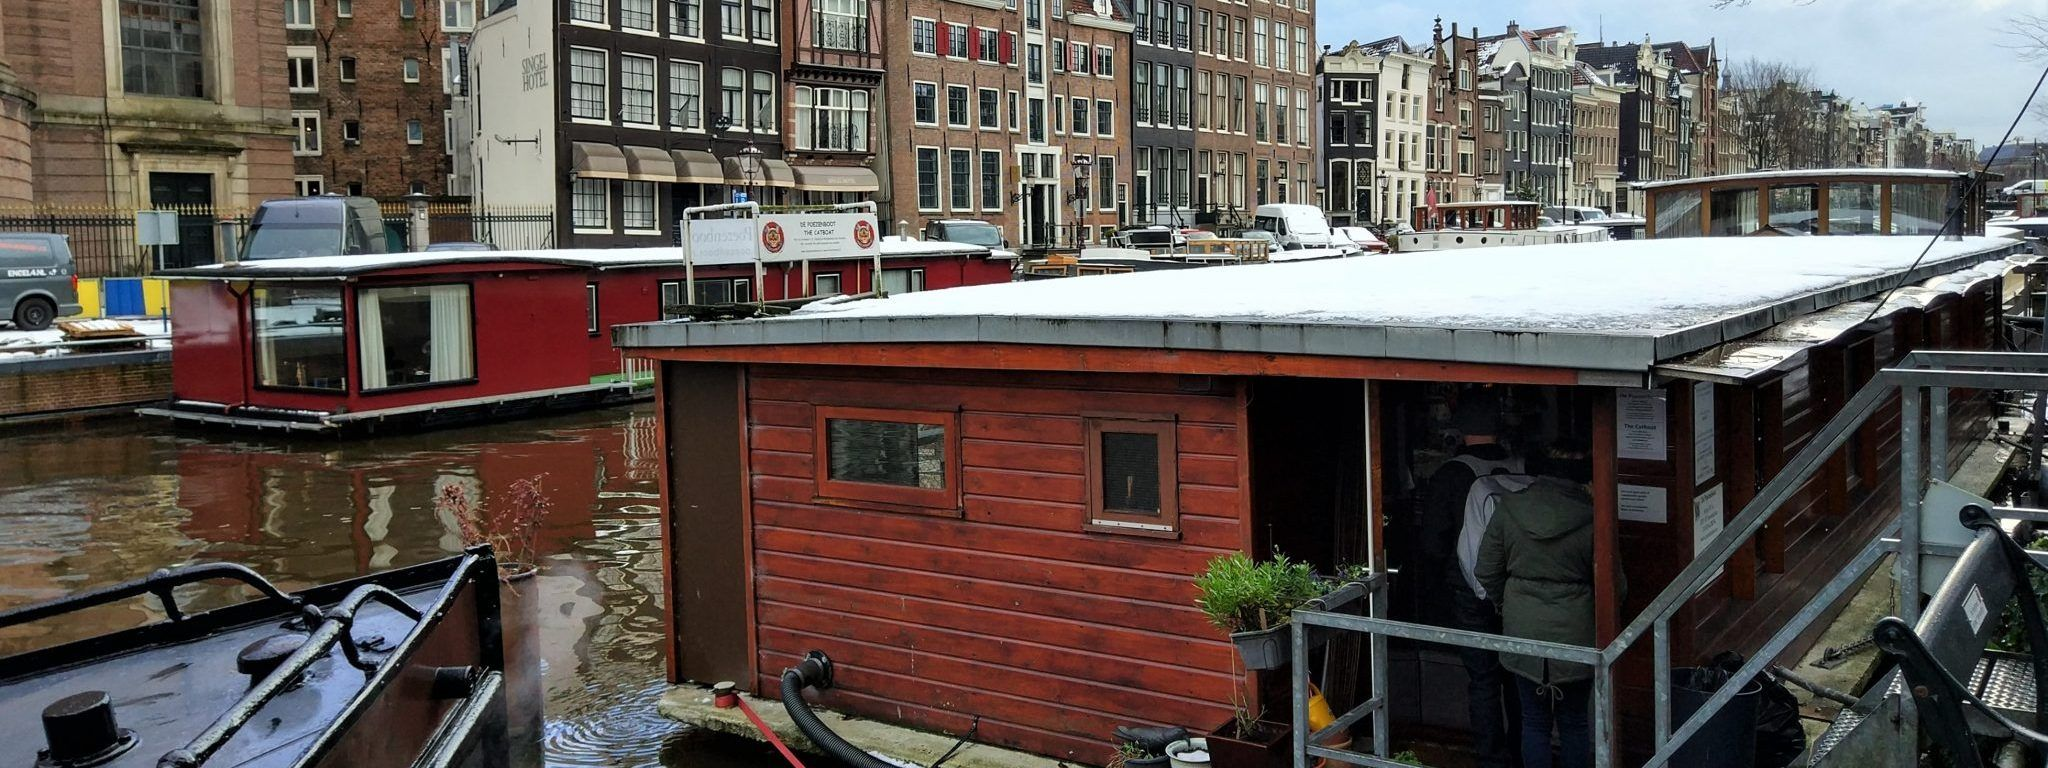 De Poezenboot, un barco en Amsterdam lleno de gatos